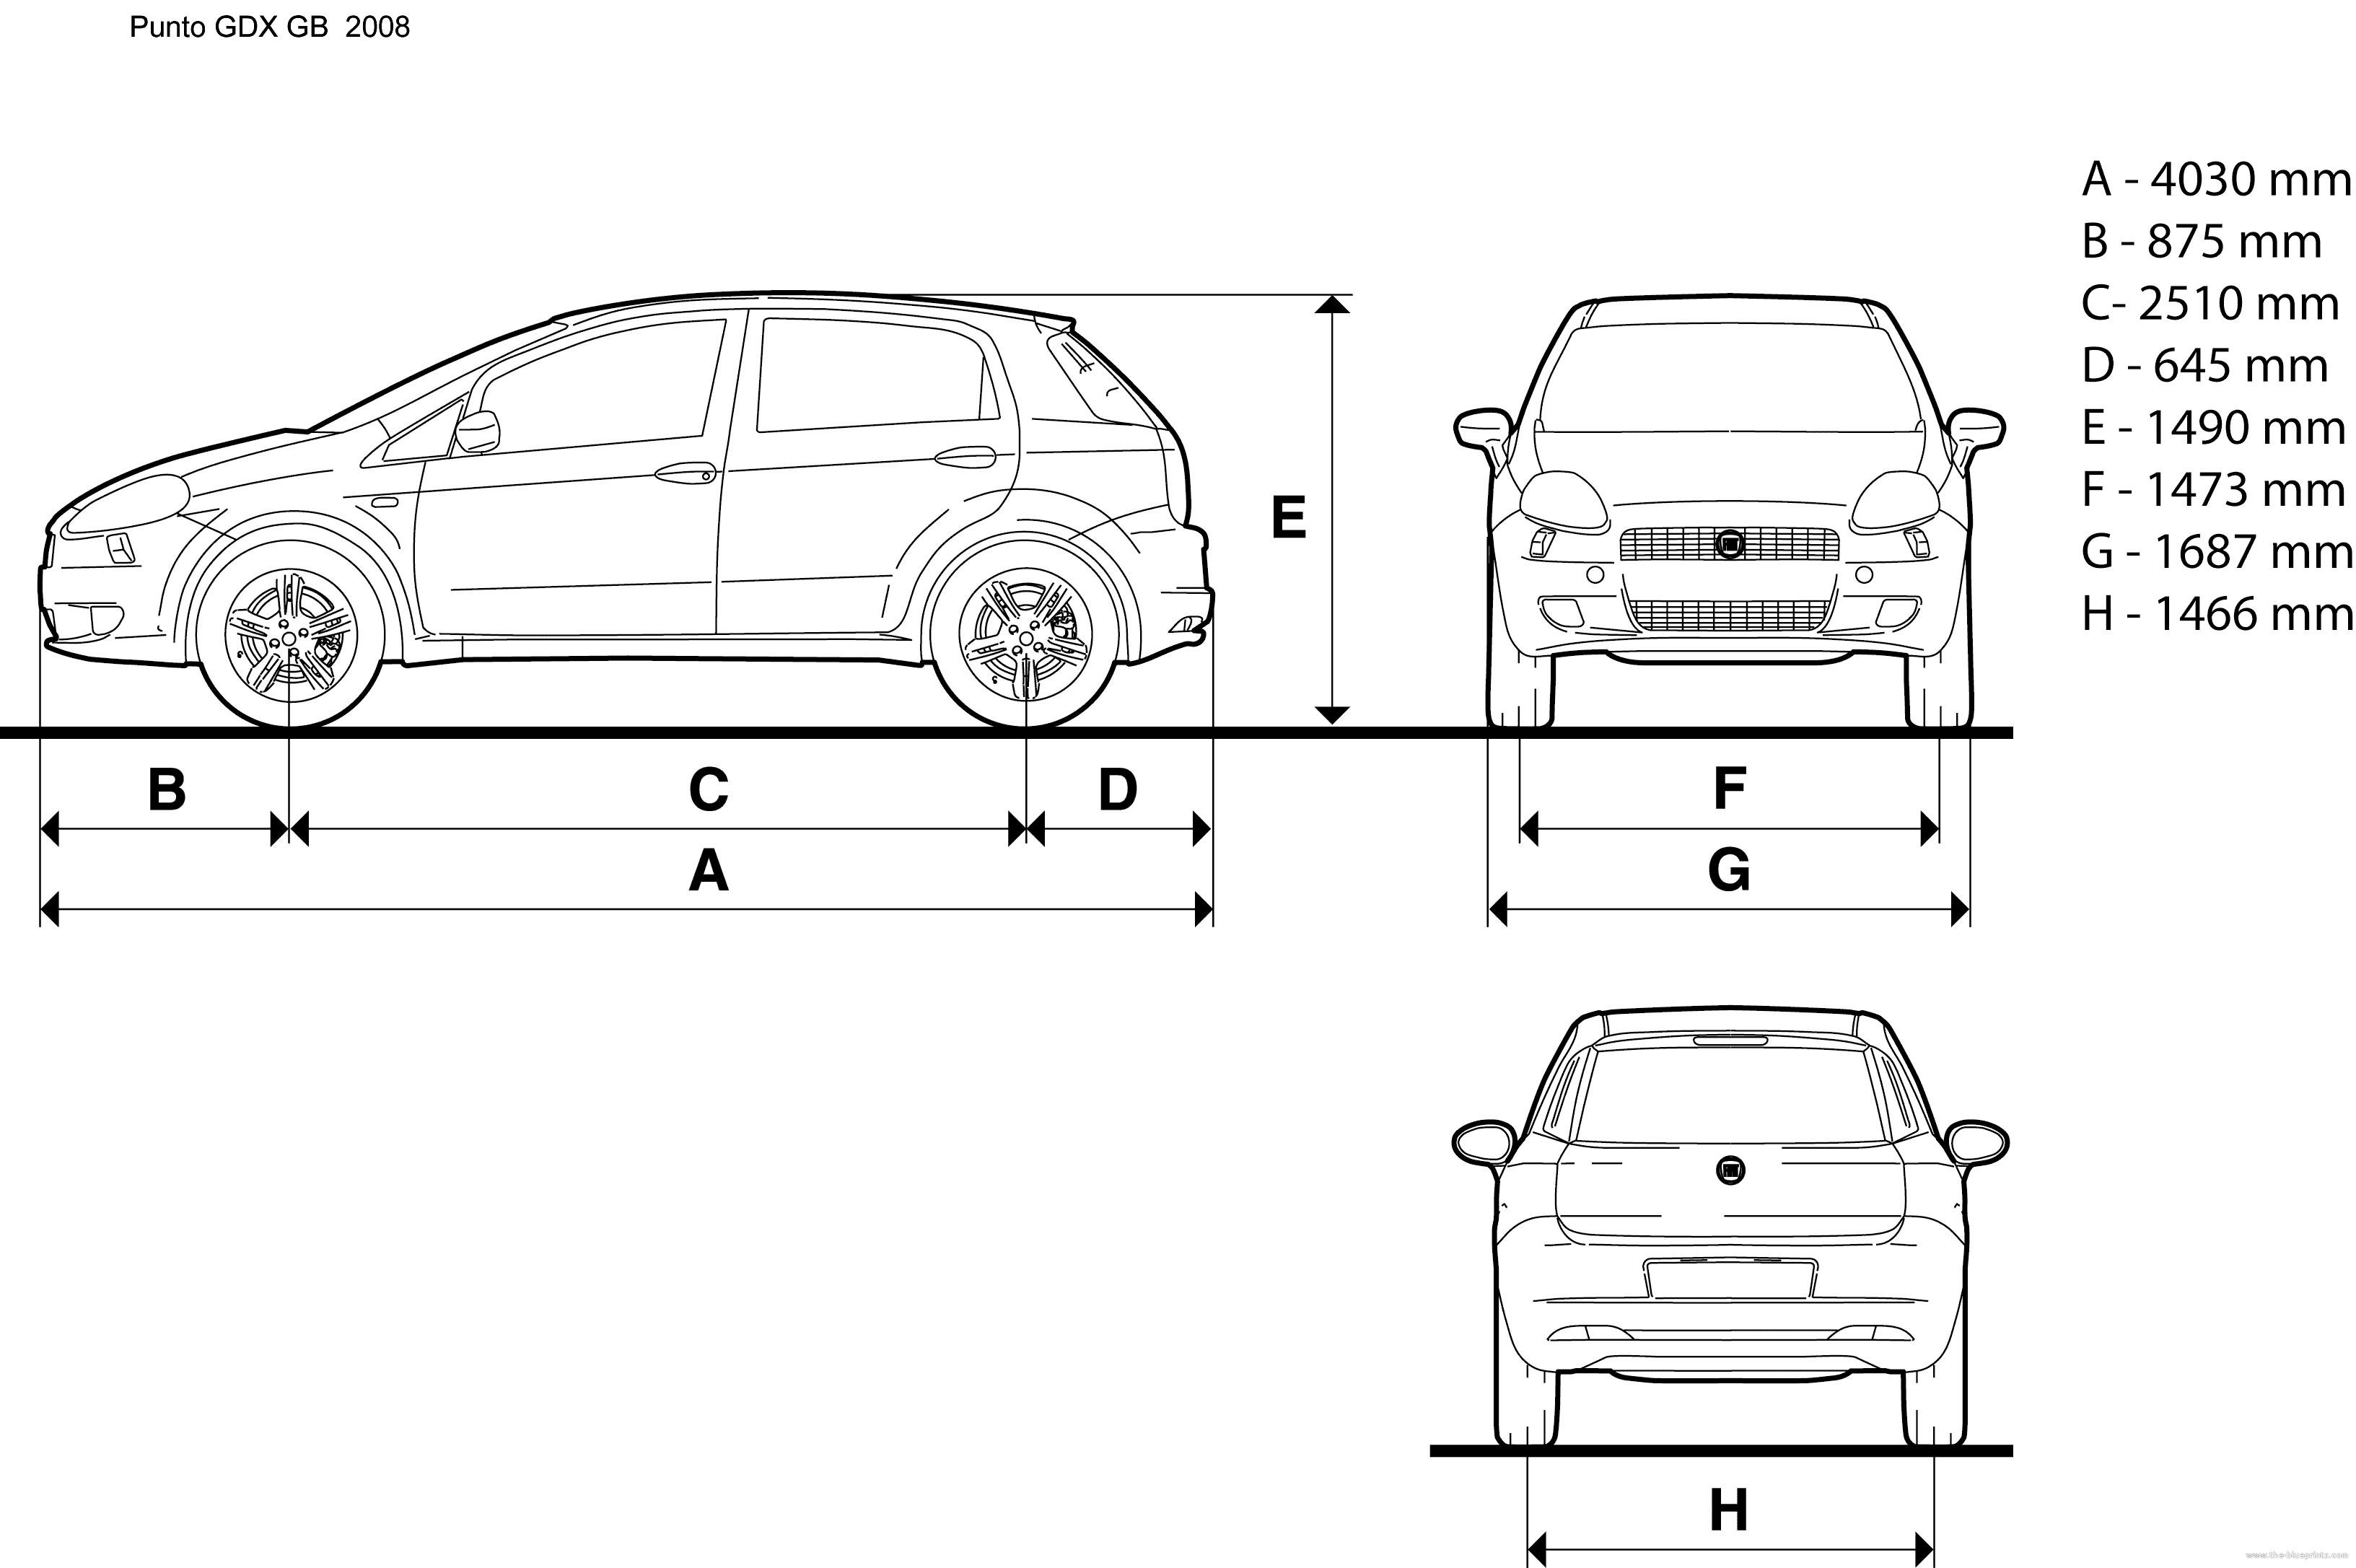 Body Dimensions Of Fiat Grande Punto Dimension Tables